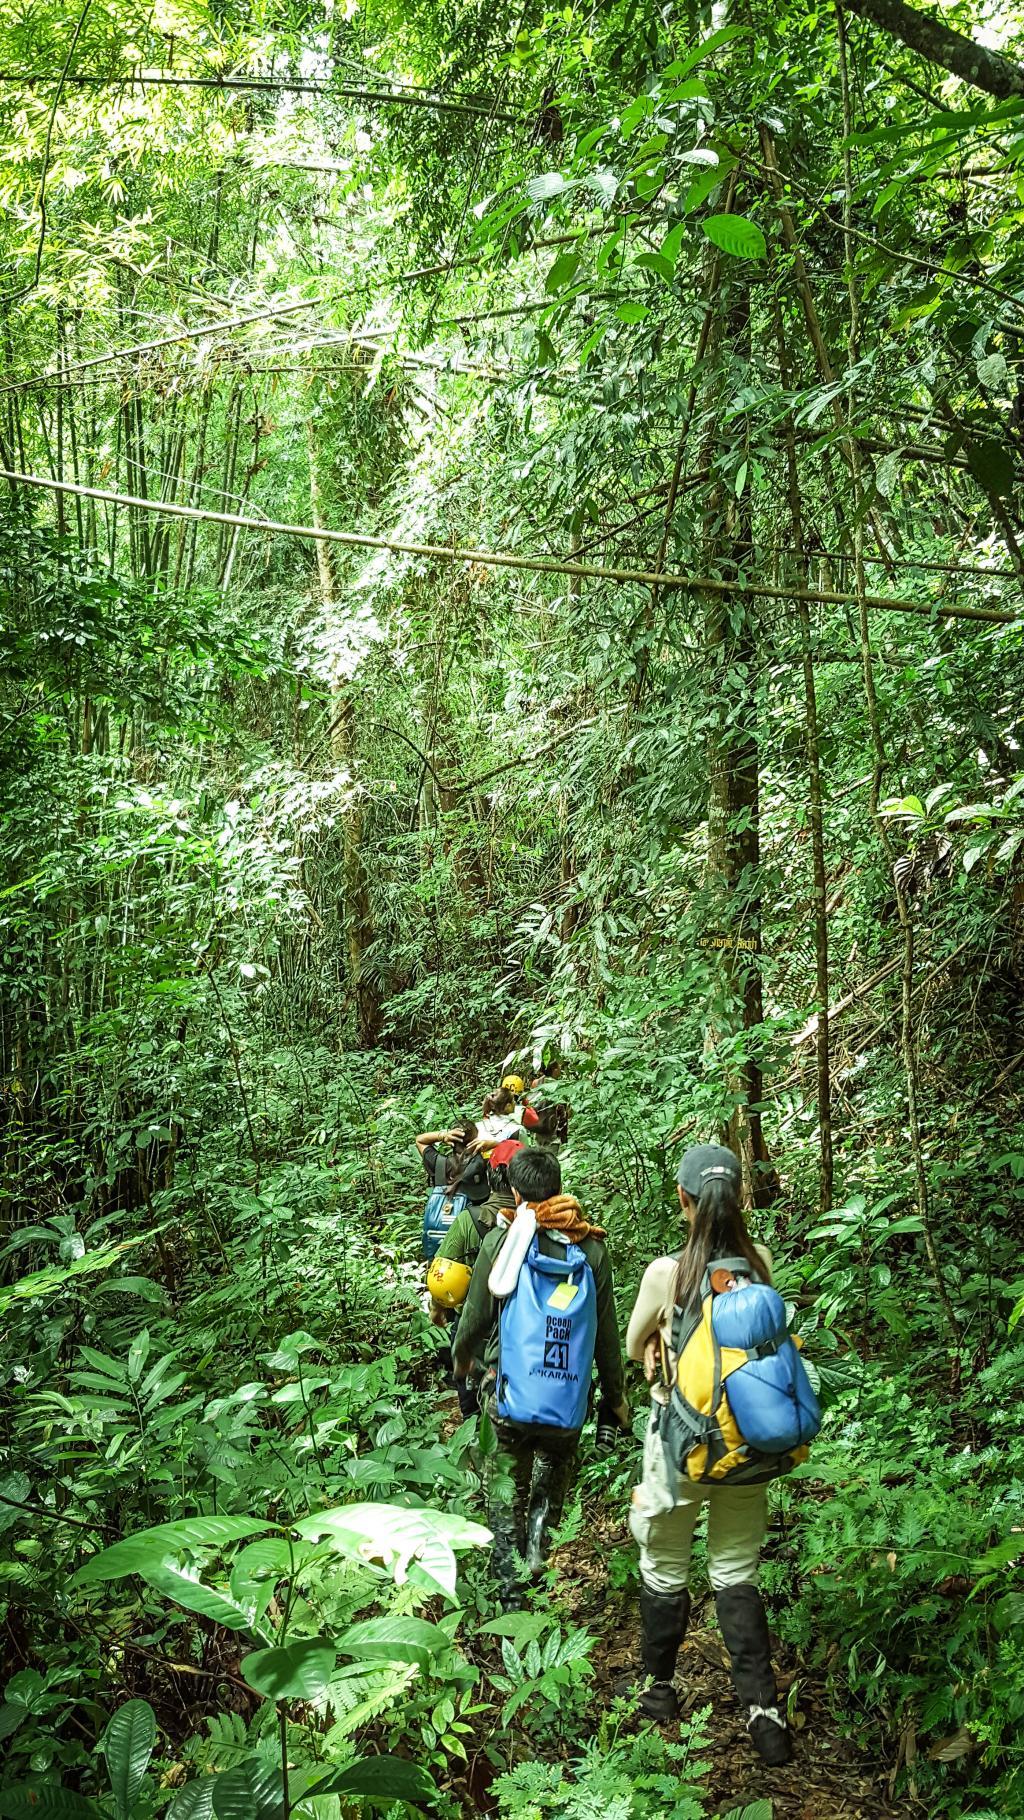 เส้นทางเดินป่าพะโต๊ะ